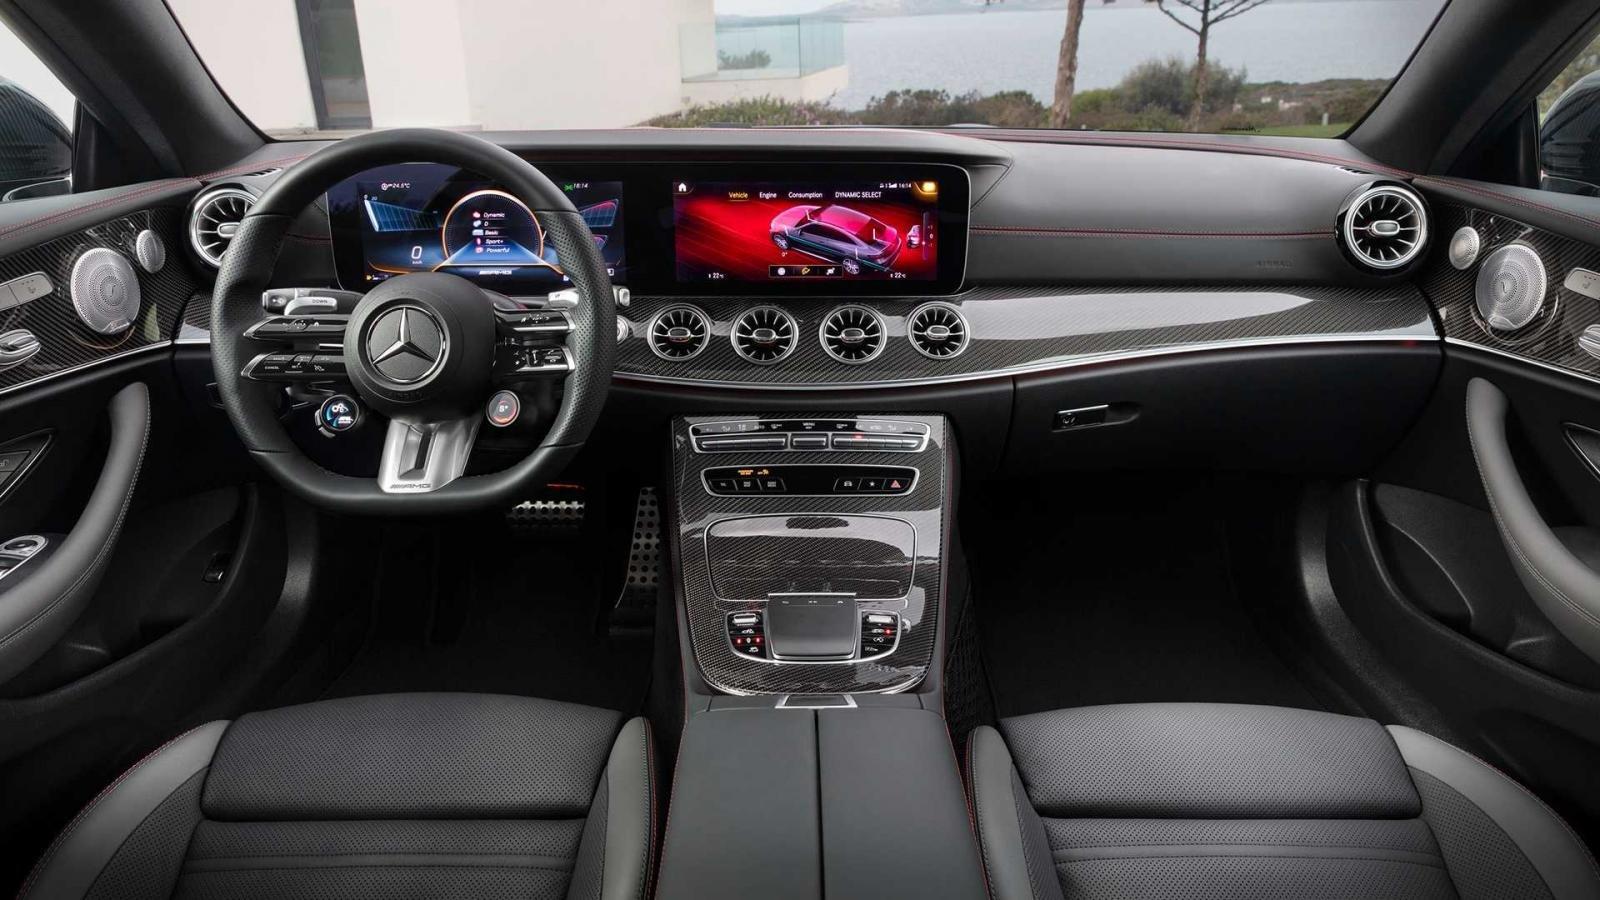 Mercedes-AMG E53 trang bị công nghệ tối tân.